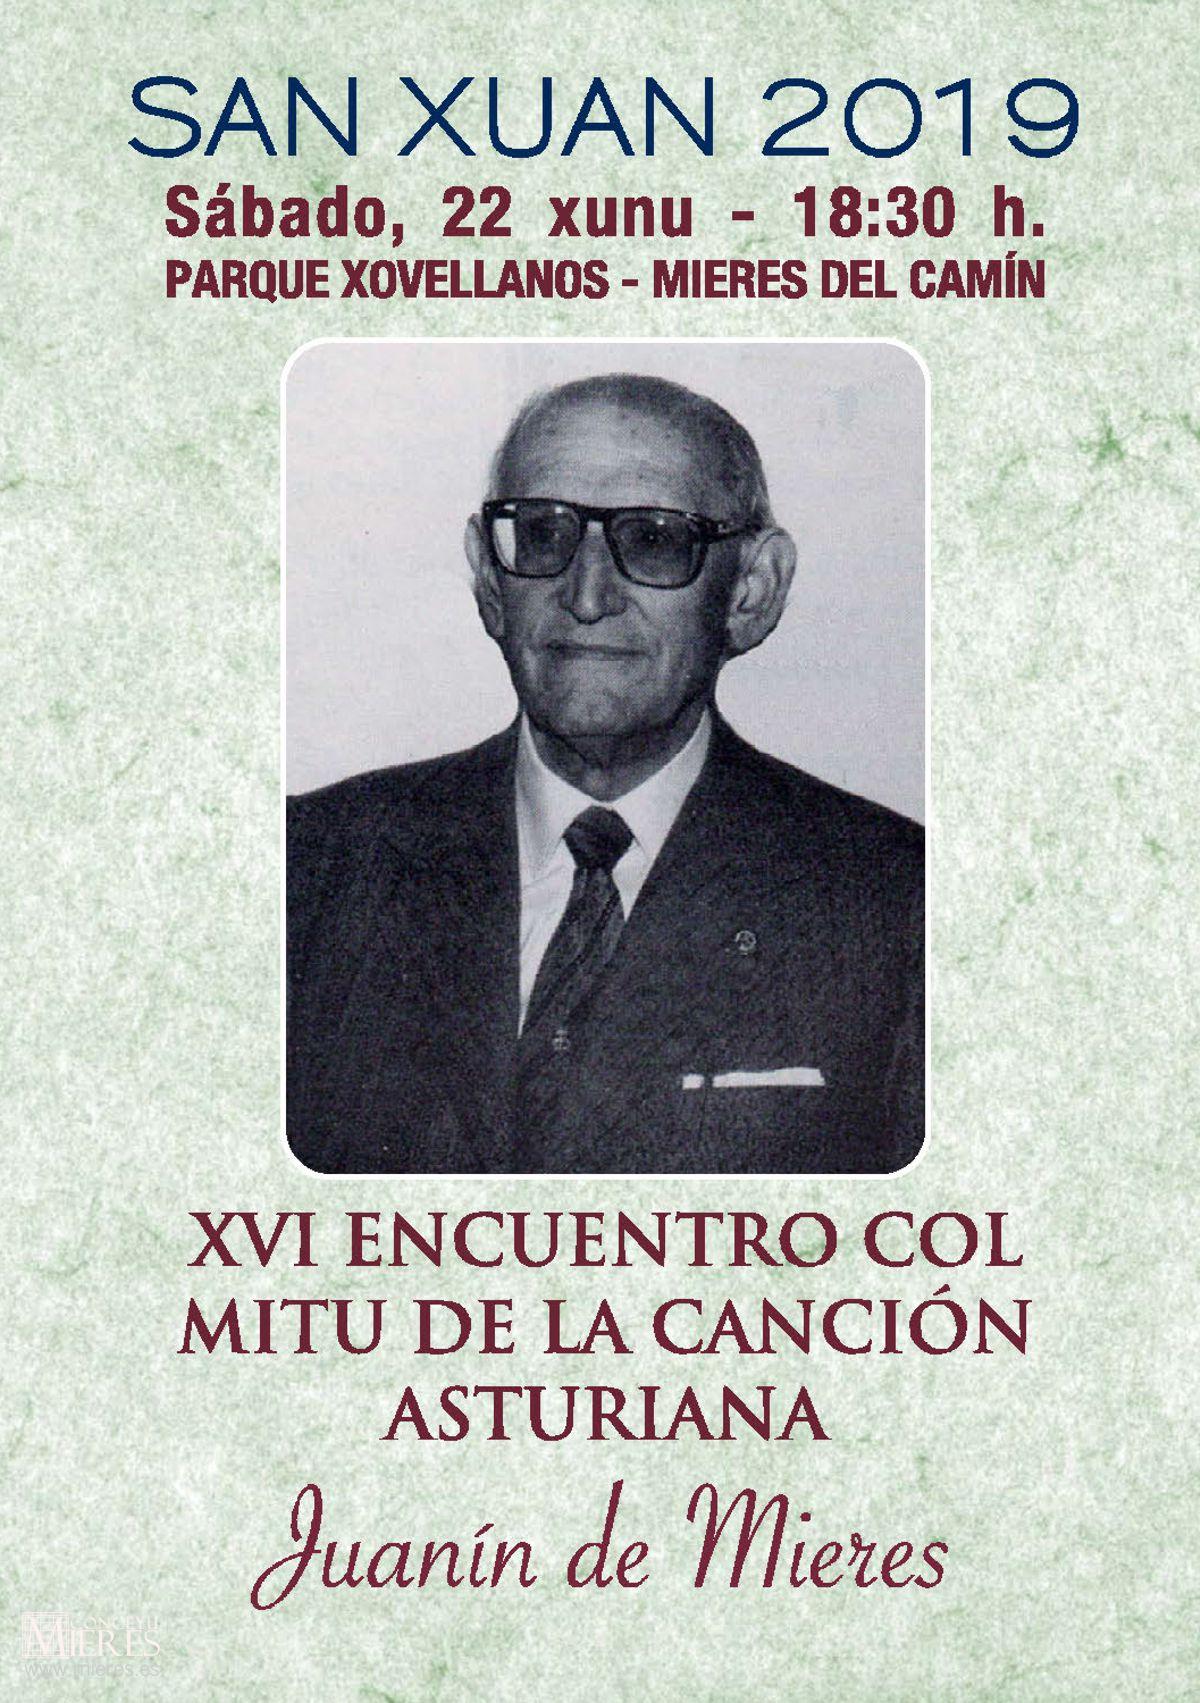 Encuentro Juanin De Mieres Cancion Asturiana 2019